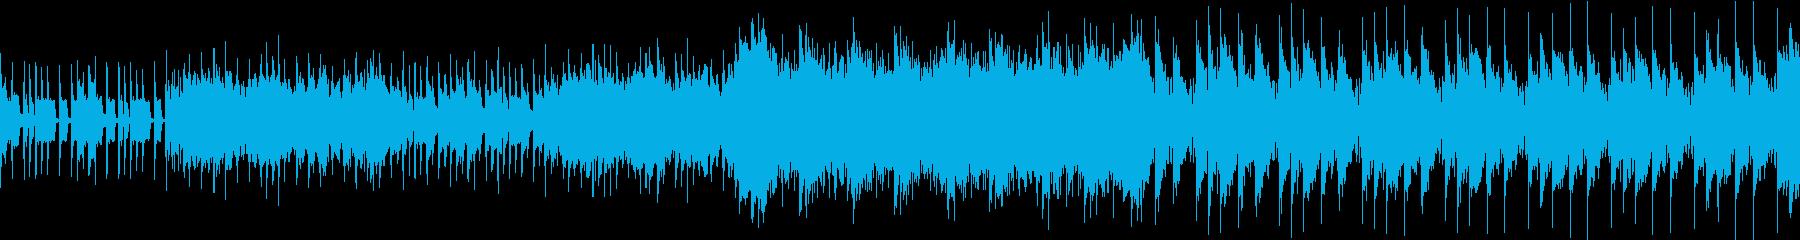 緊迫の戦い シネマティック ループの再生済みの波形